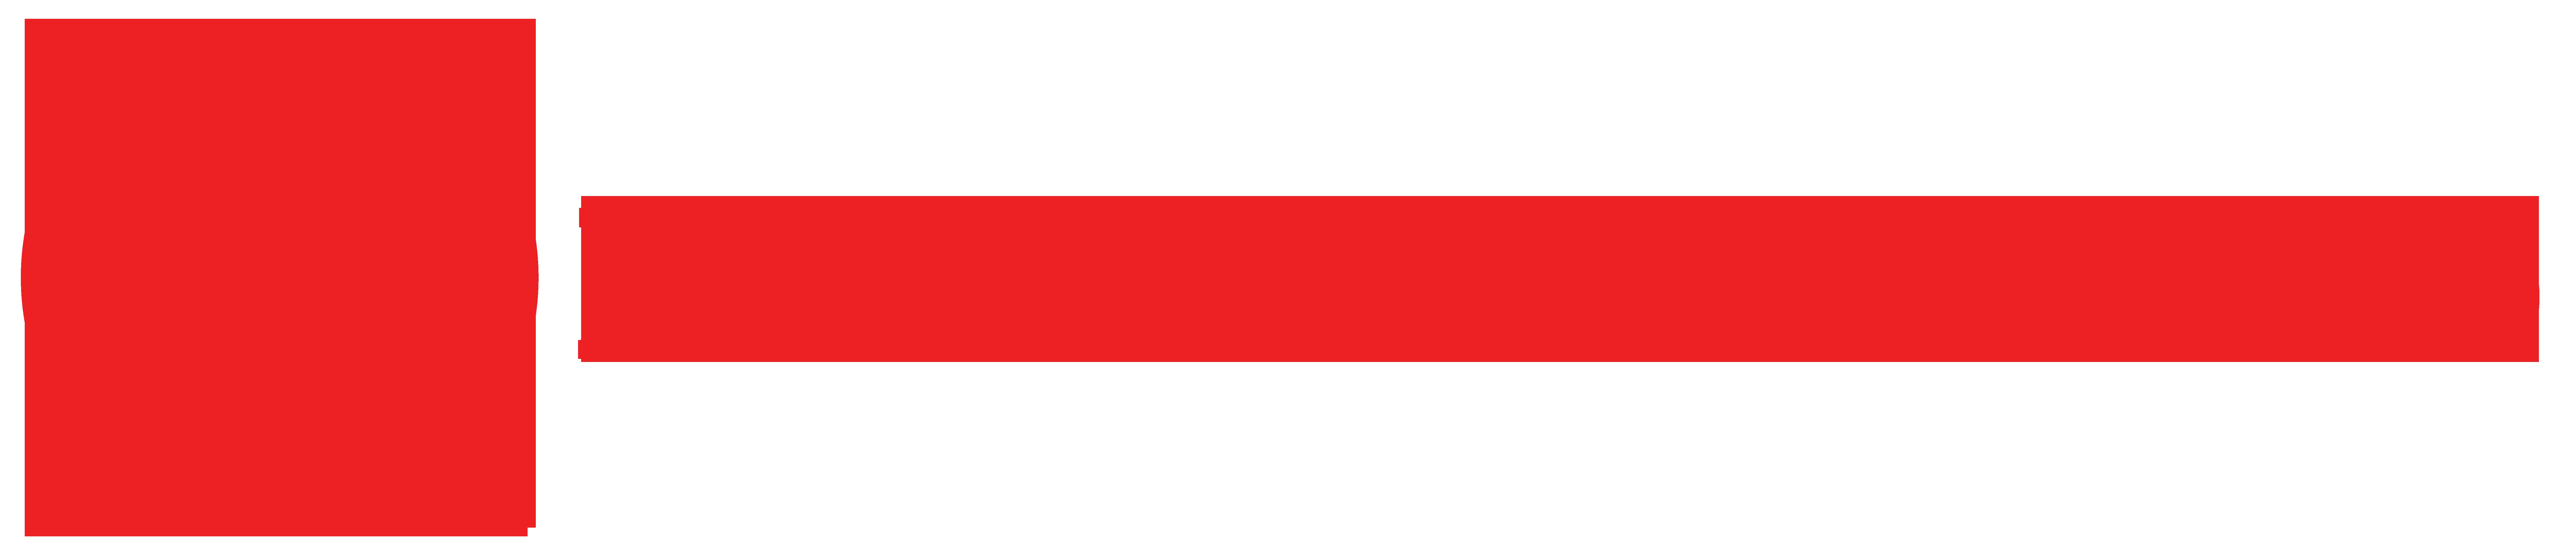 Find a Montana Job